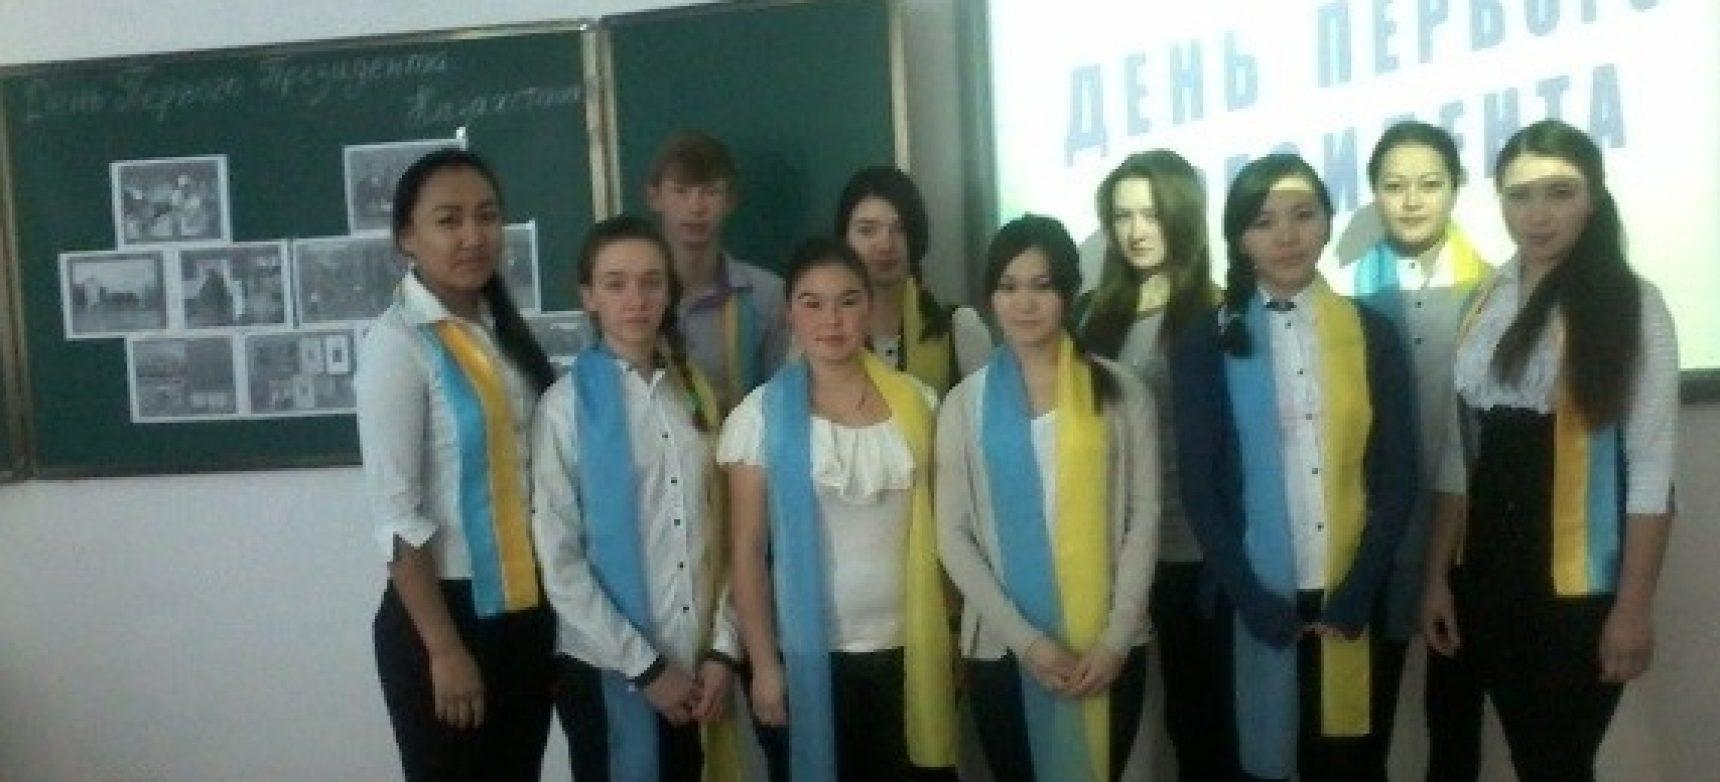 Мероприятия посвященные 25-летию Независимости Республики Казахстан